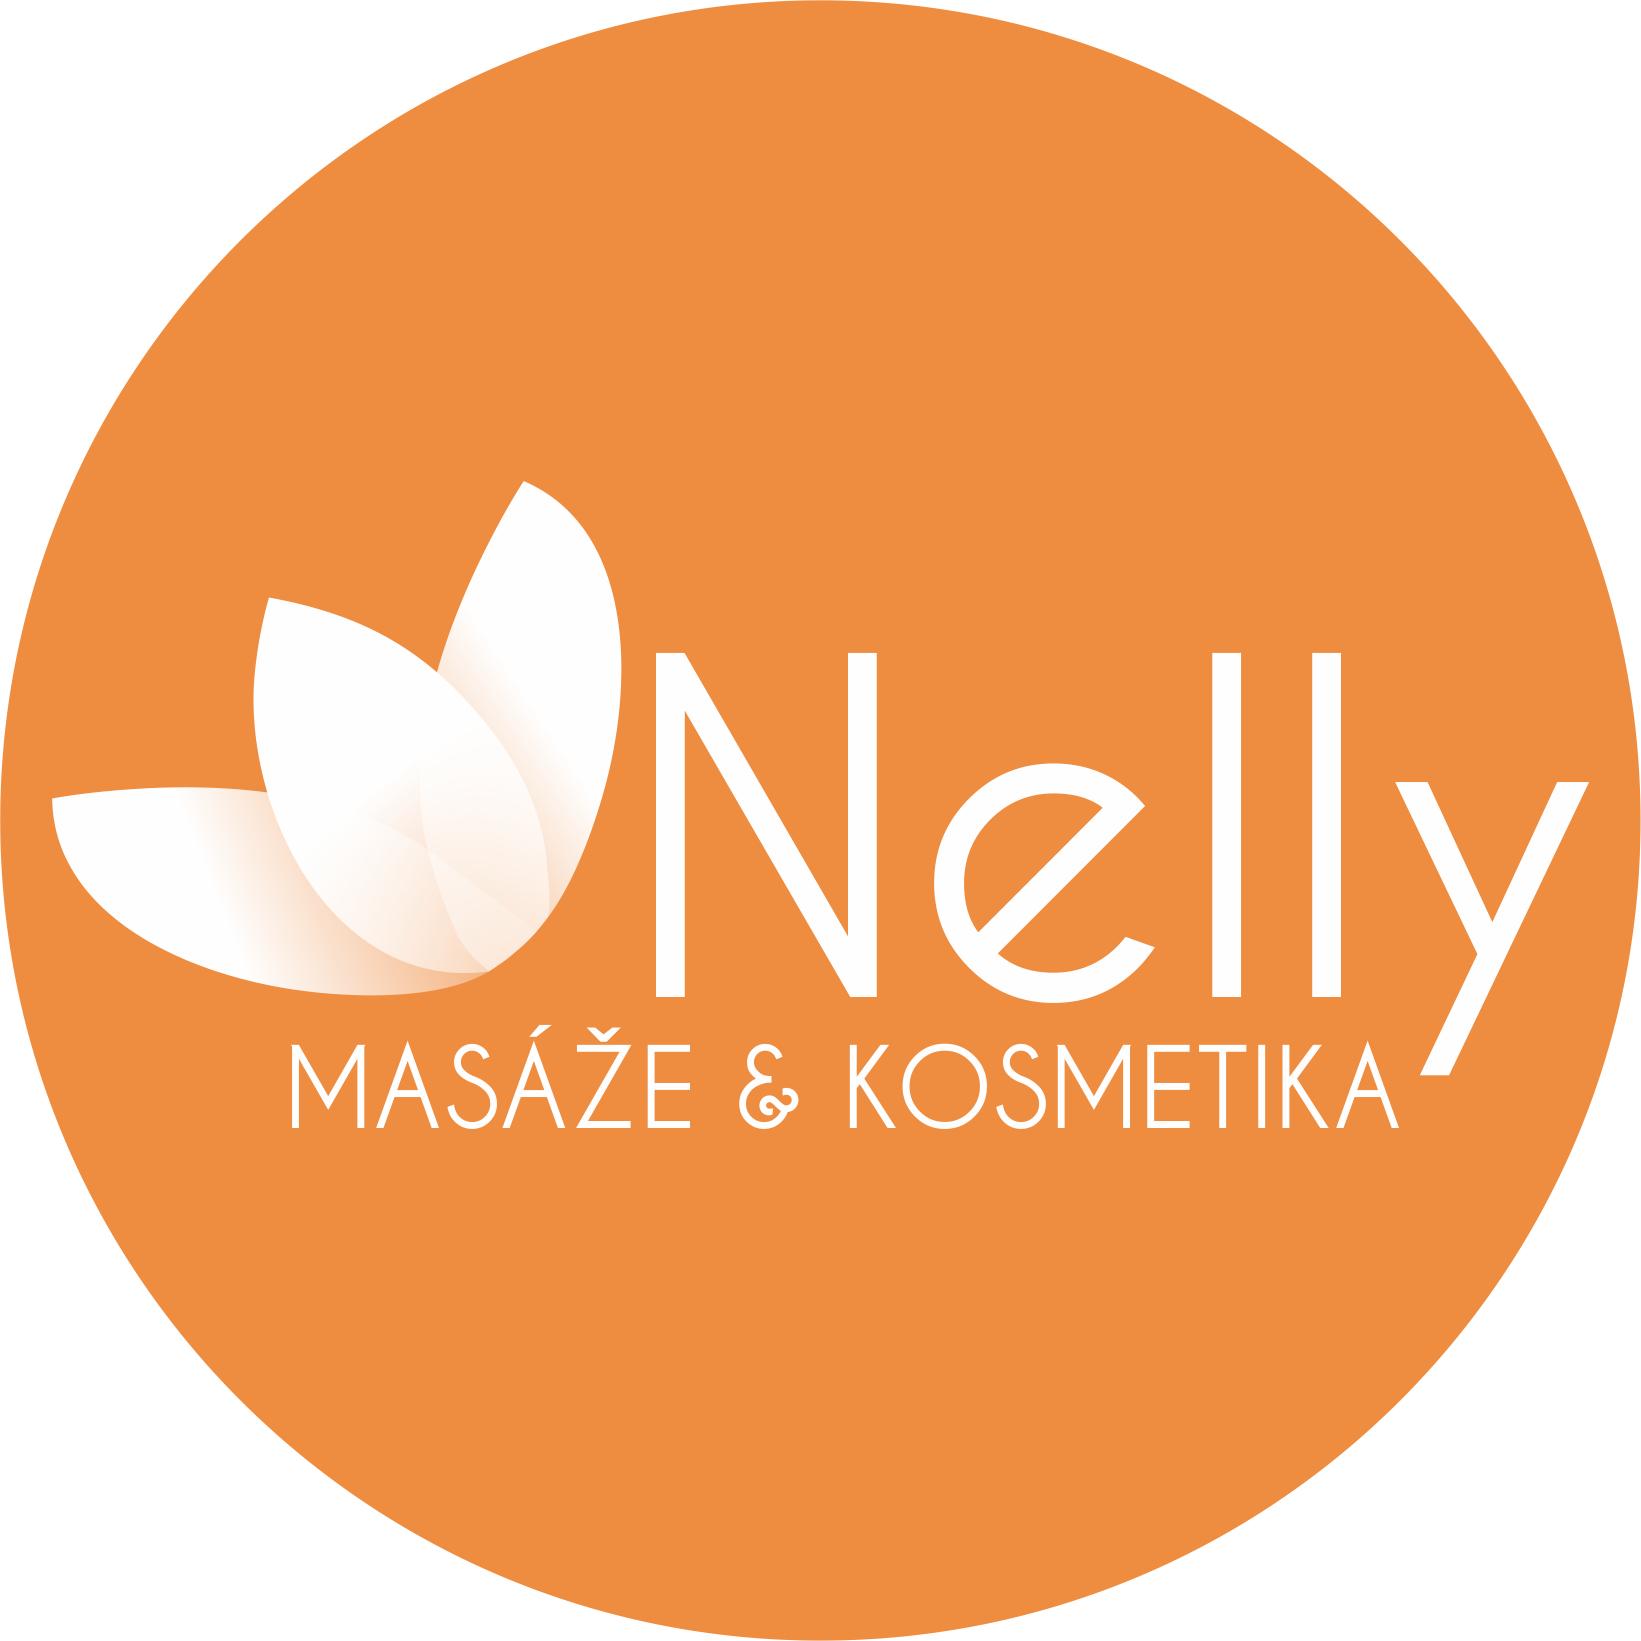 Masážní a kosmetické studio Nelly